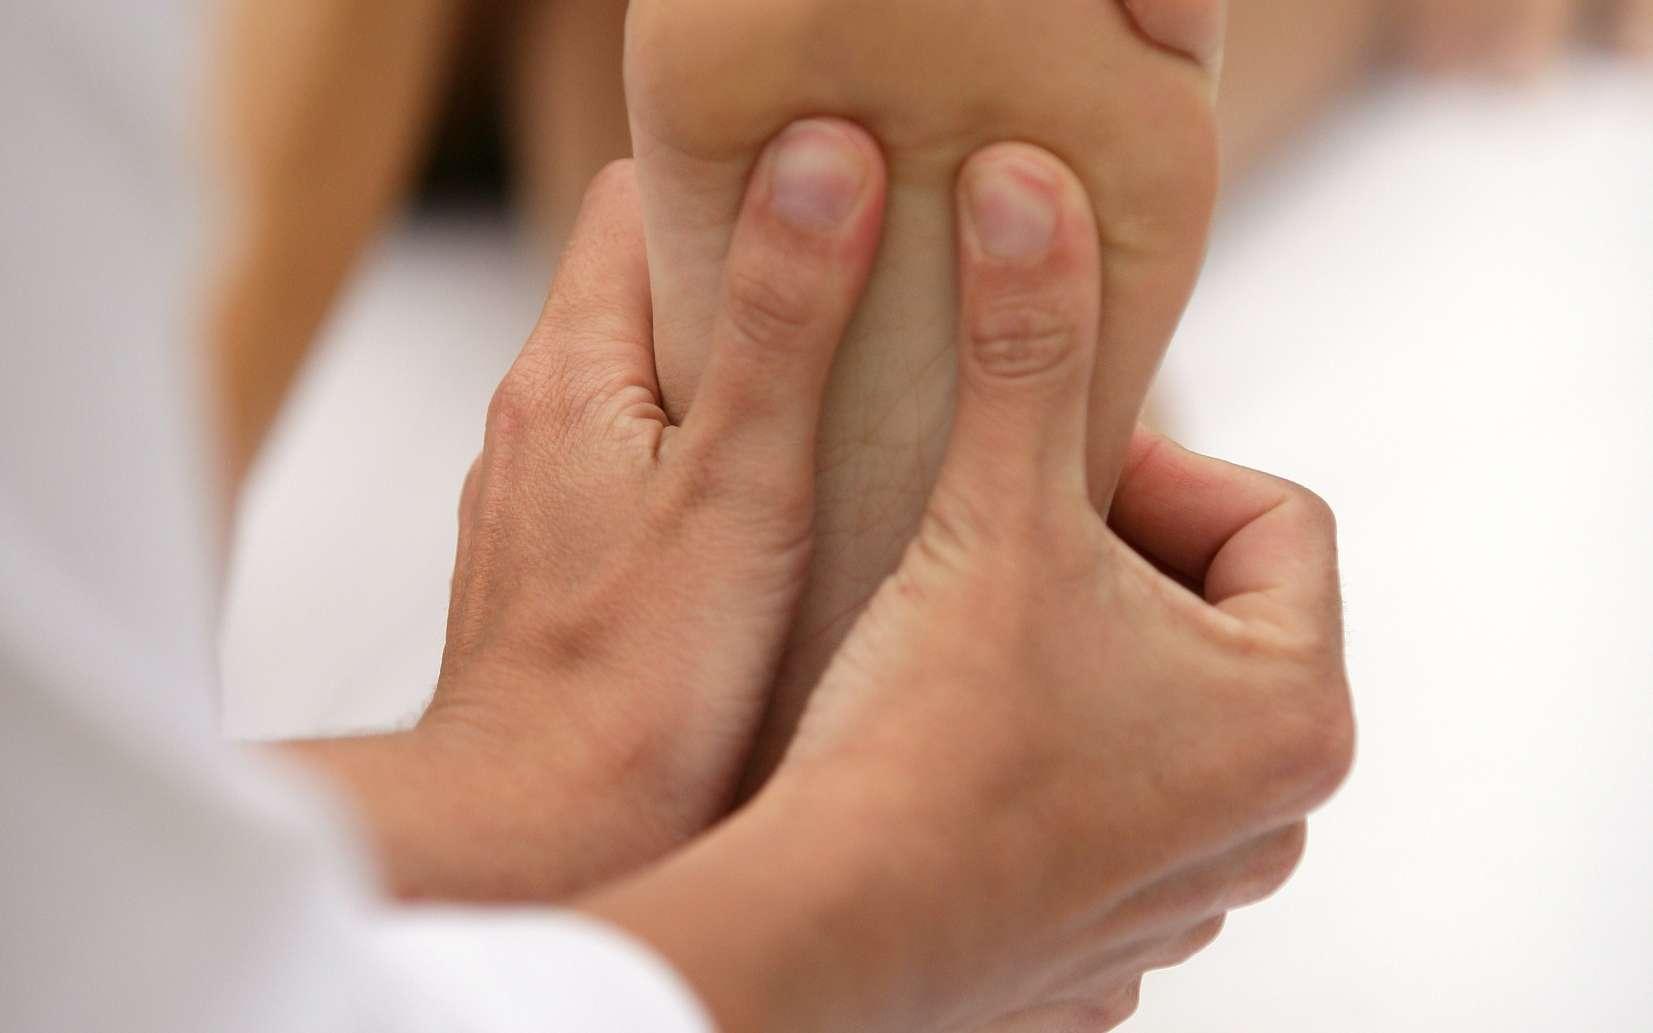 Le pied est la zone la plus sensible pour les massages antistress. © Phovoir